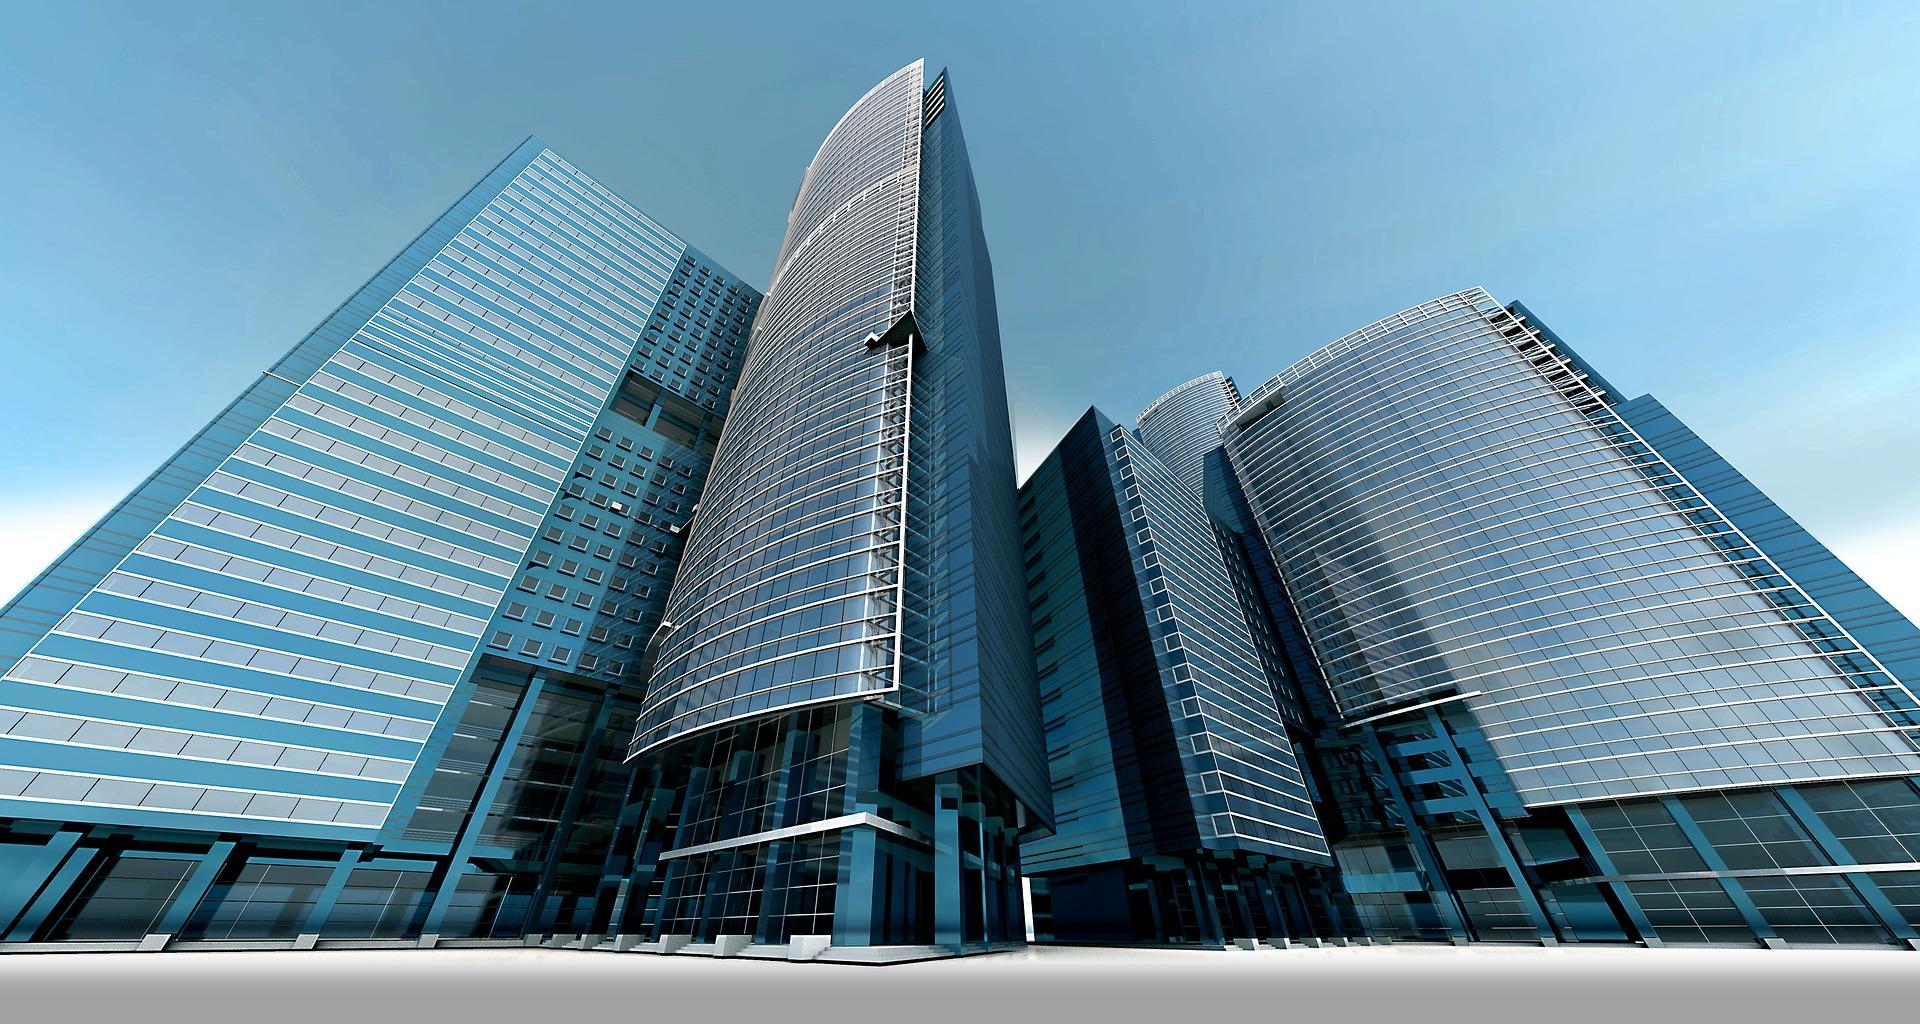 Big banks who are shifting to digital banking options